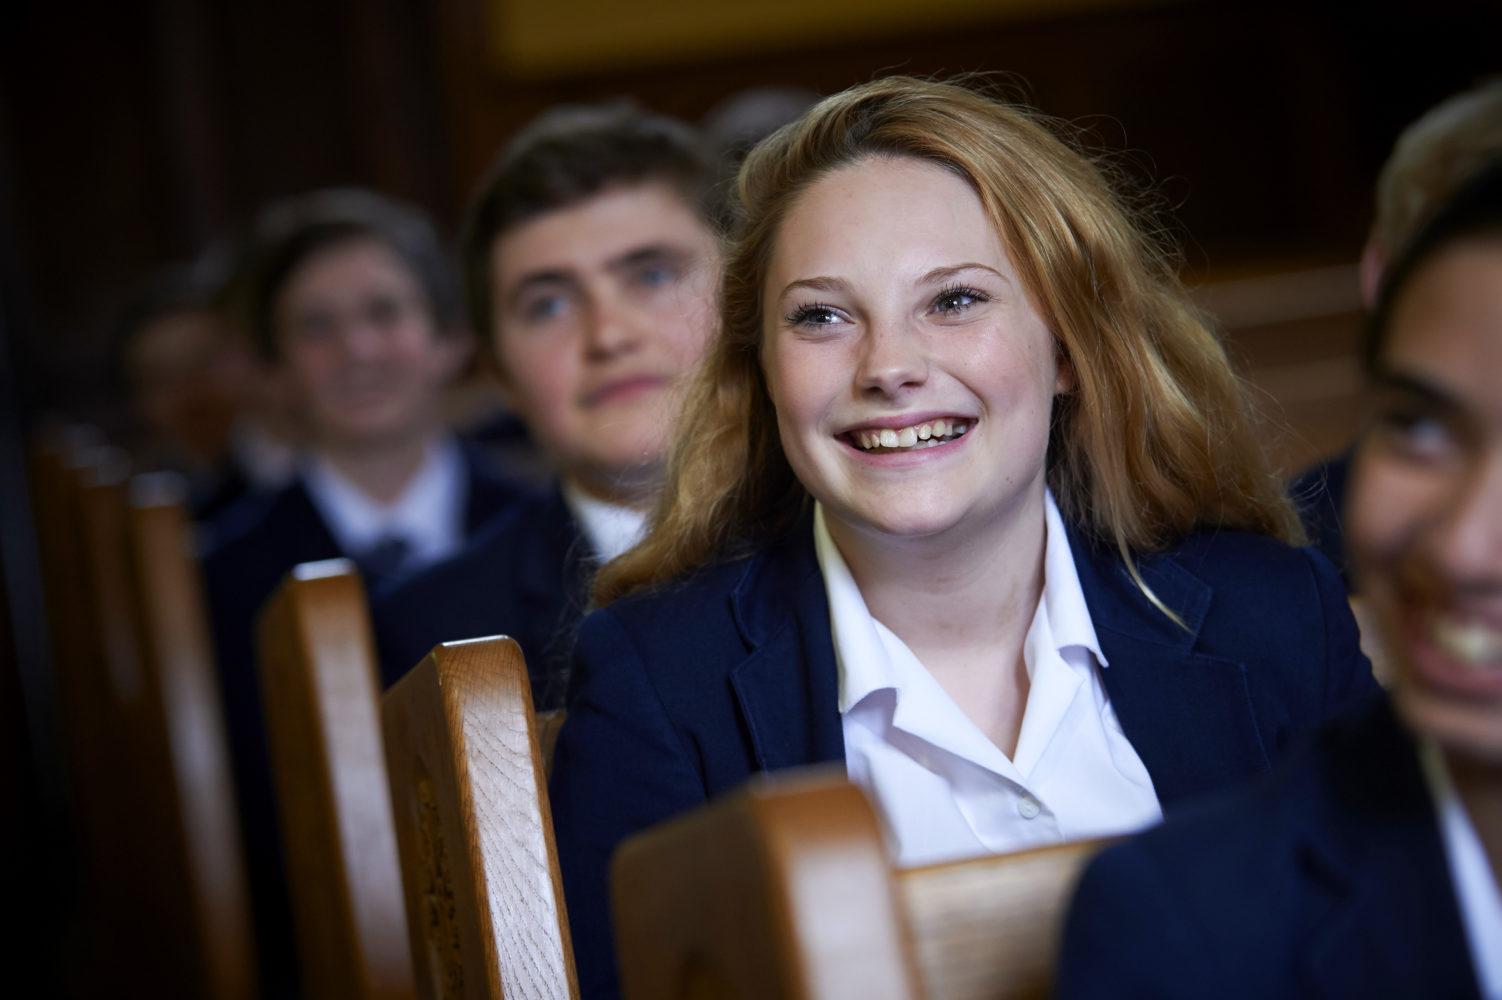 Bethany School pupils attend Chapel twice a week